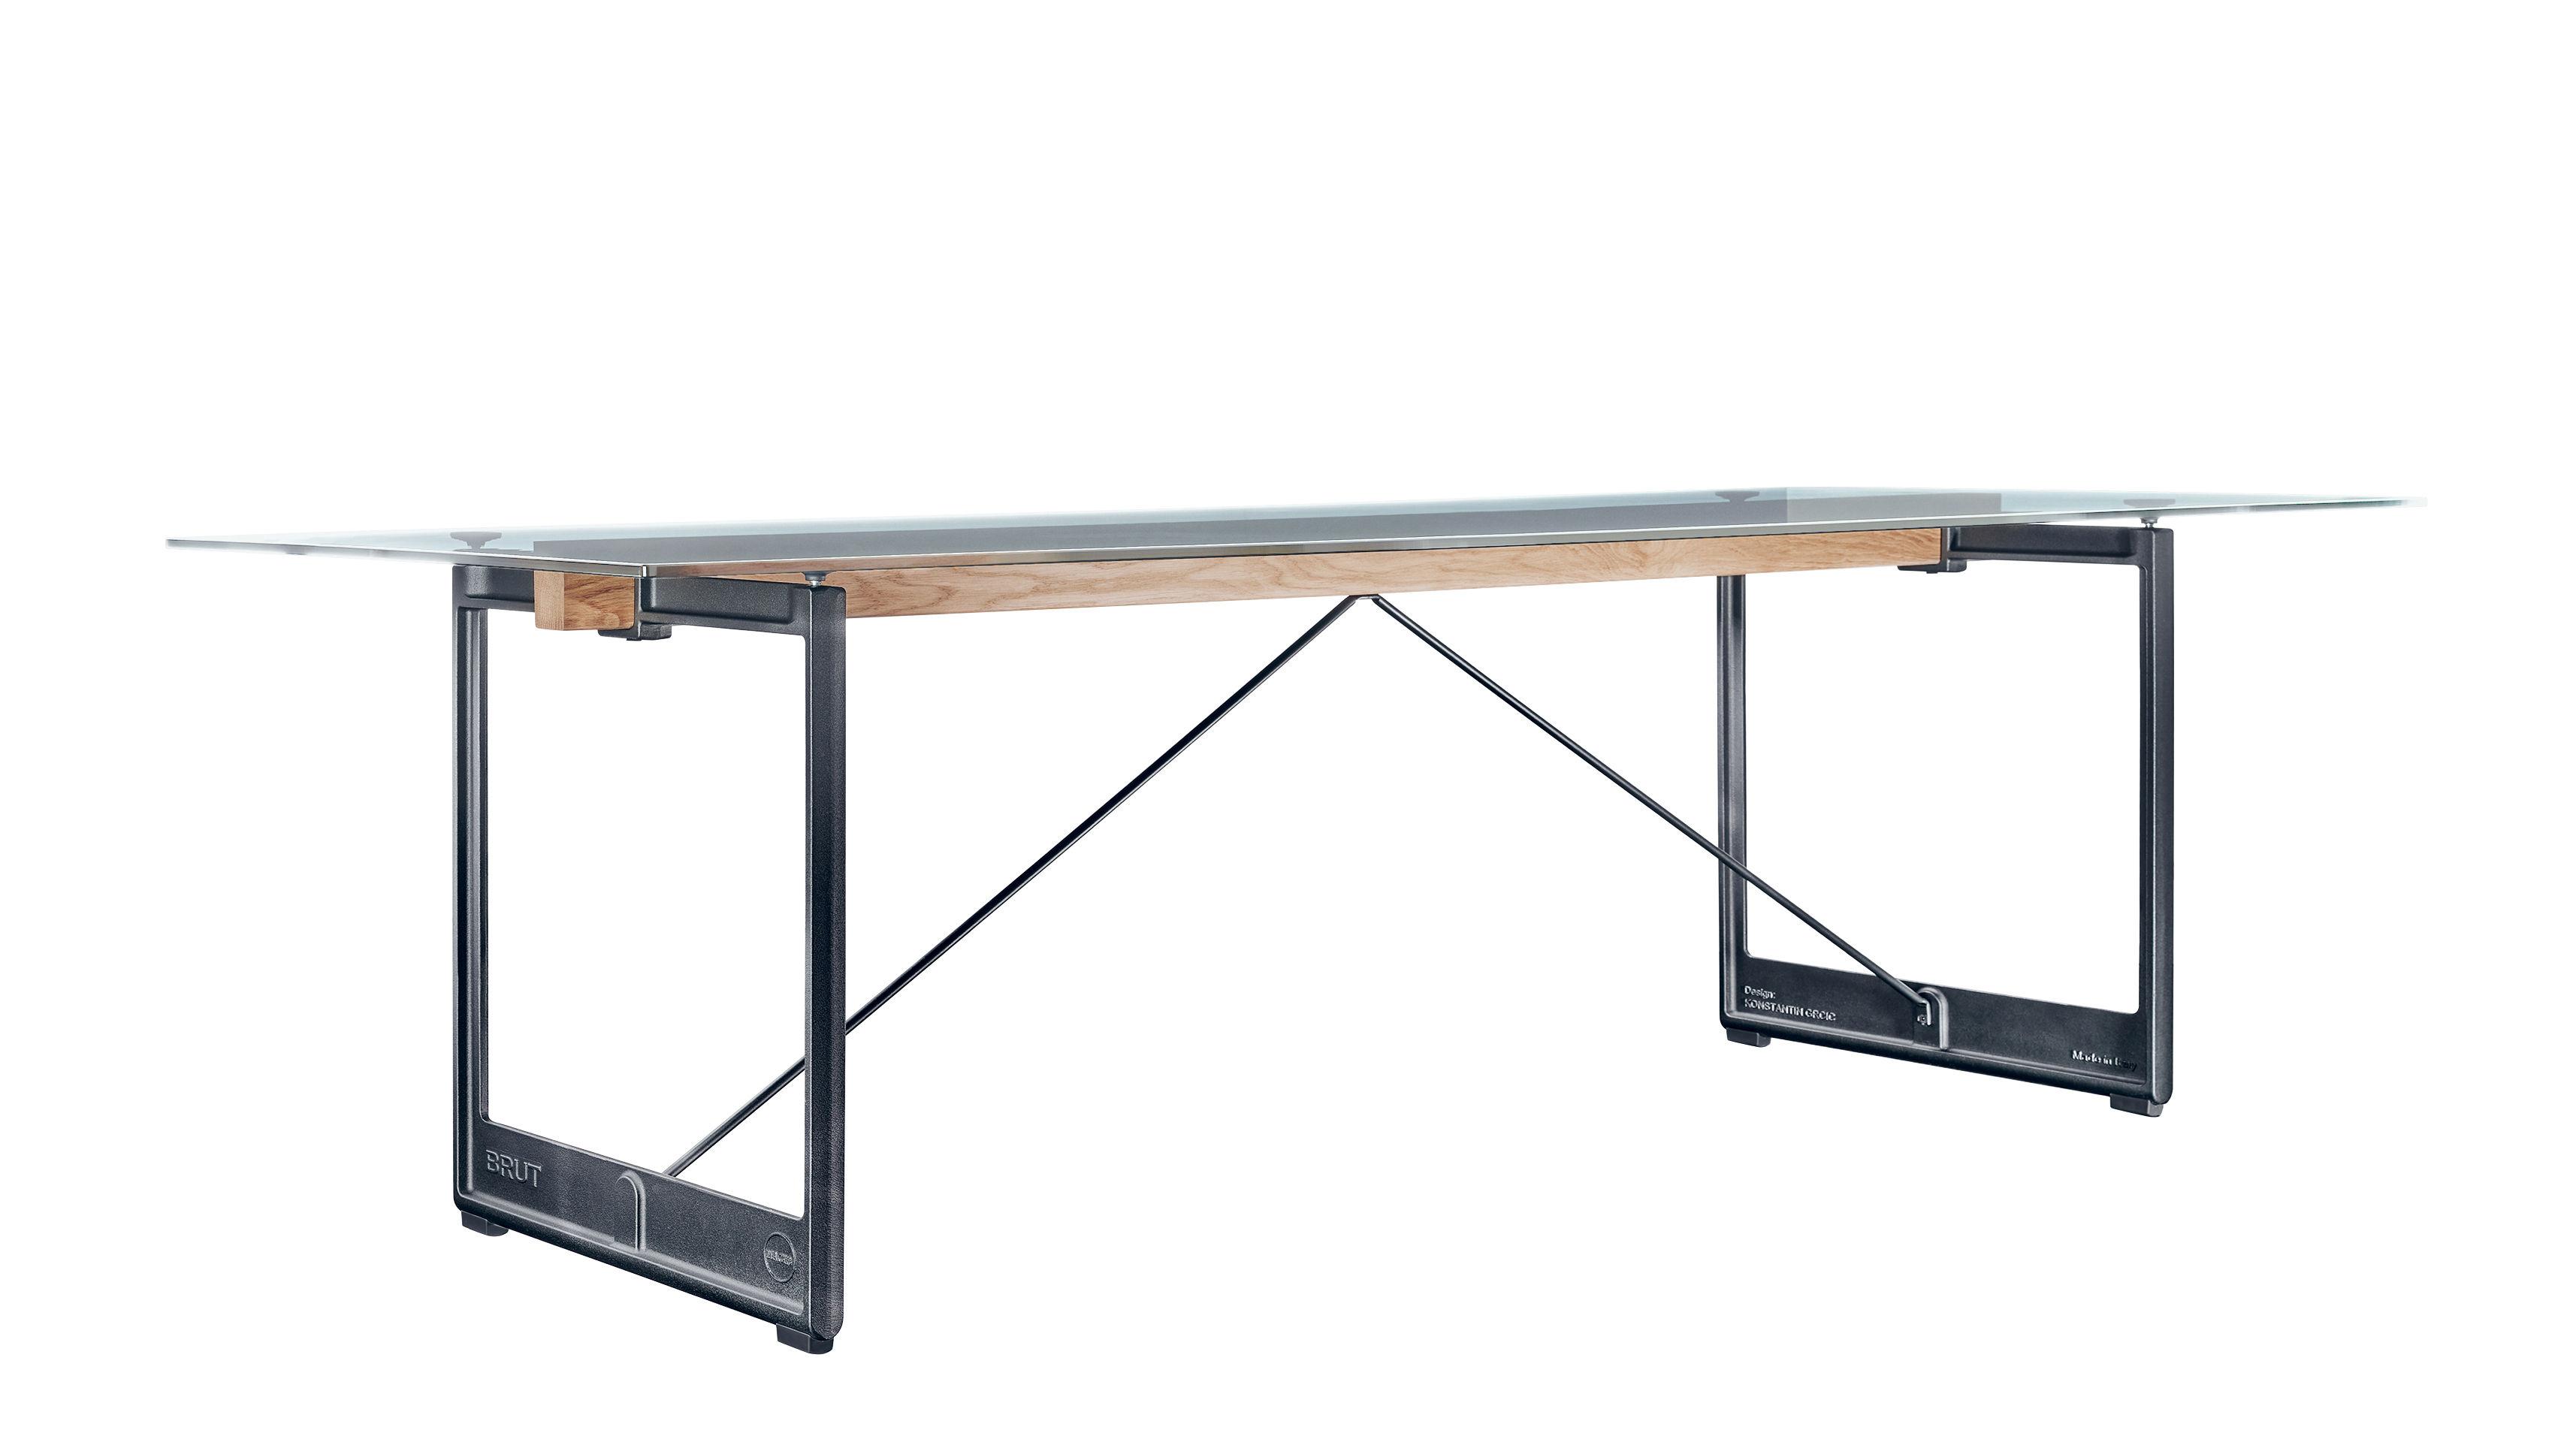 Mobilier - Tables - Table rectangulaire Brut / Verre & fonte - 260 x 85 cm - Magis - Transparent / Piètement anthracite - Fonte vernie, Verre trempé